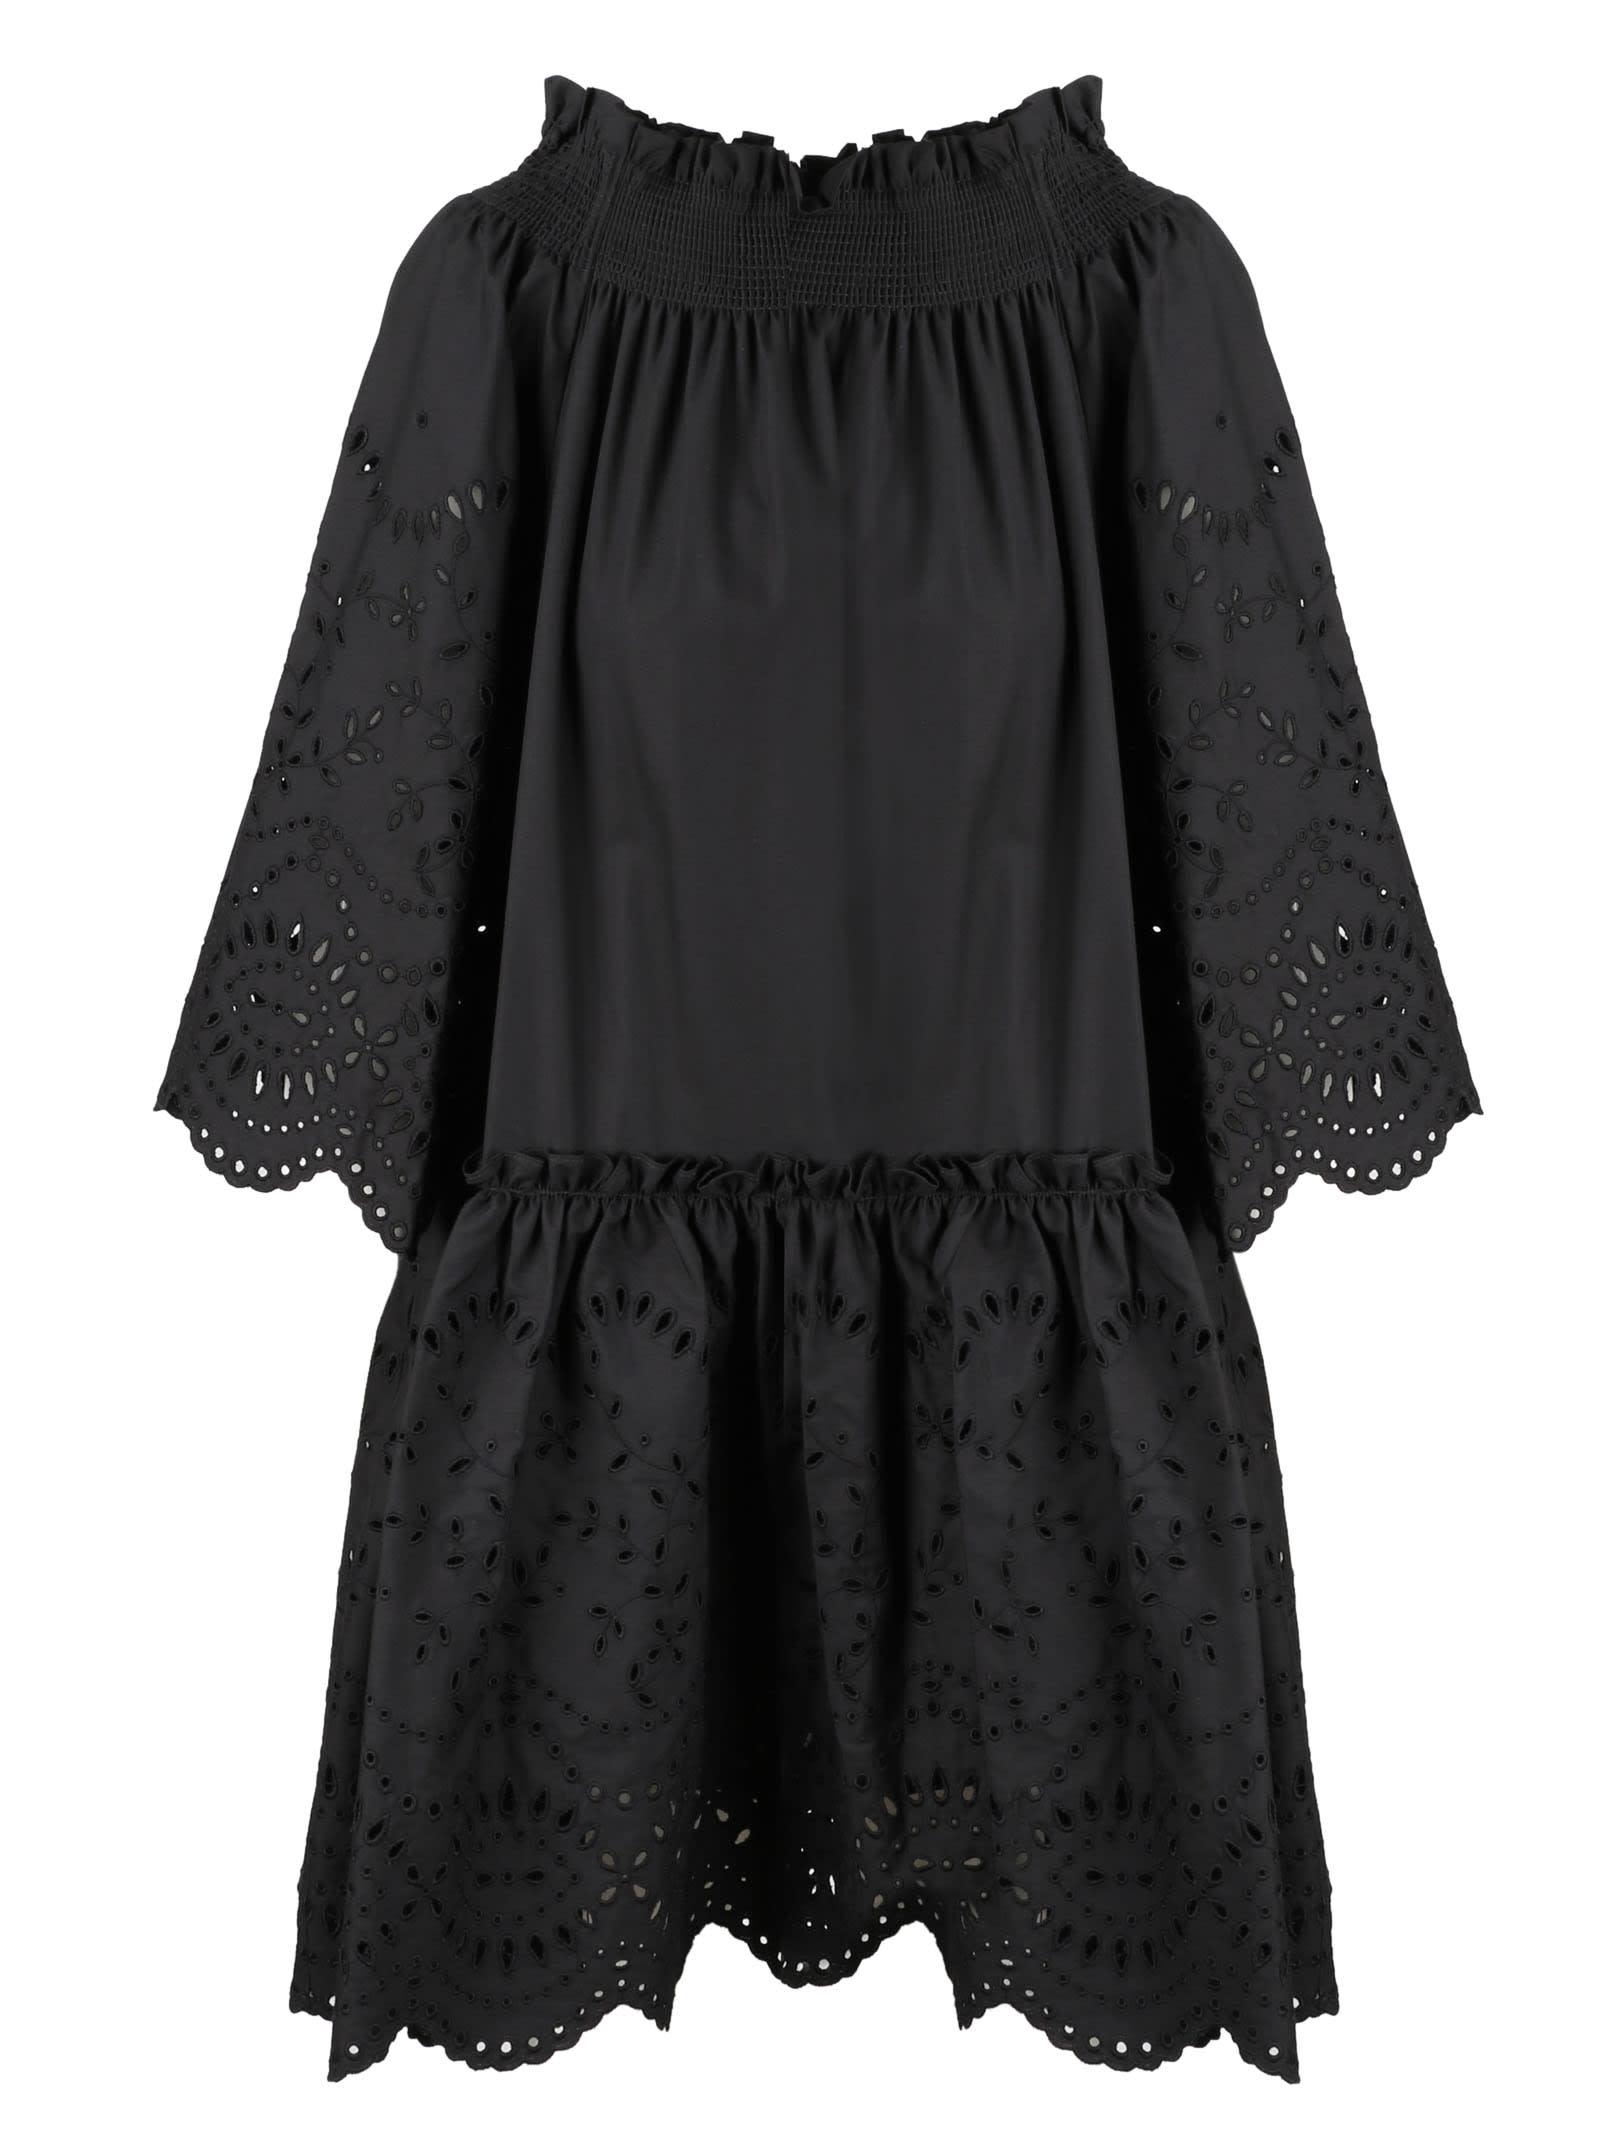 P.a.r.o.s.h. FLOUNCE POPLIN DRESS